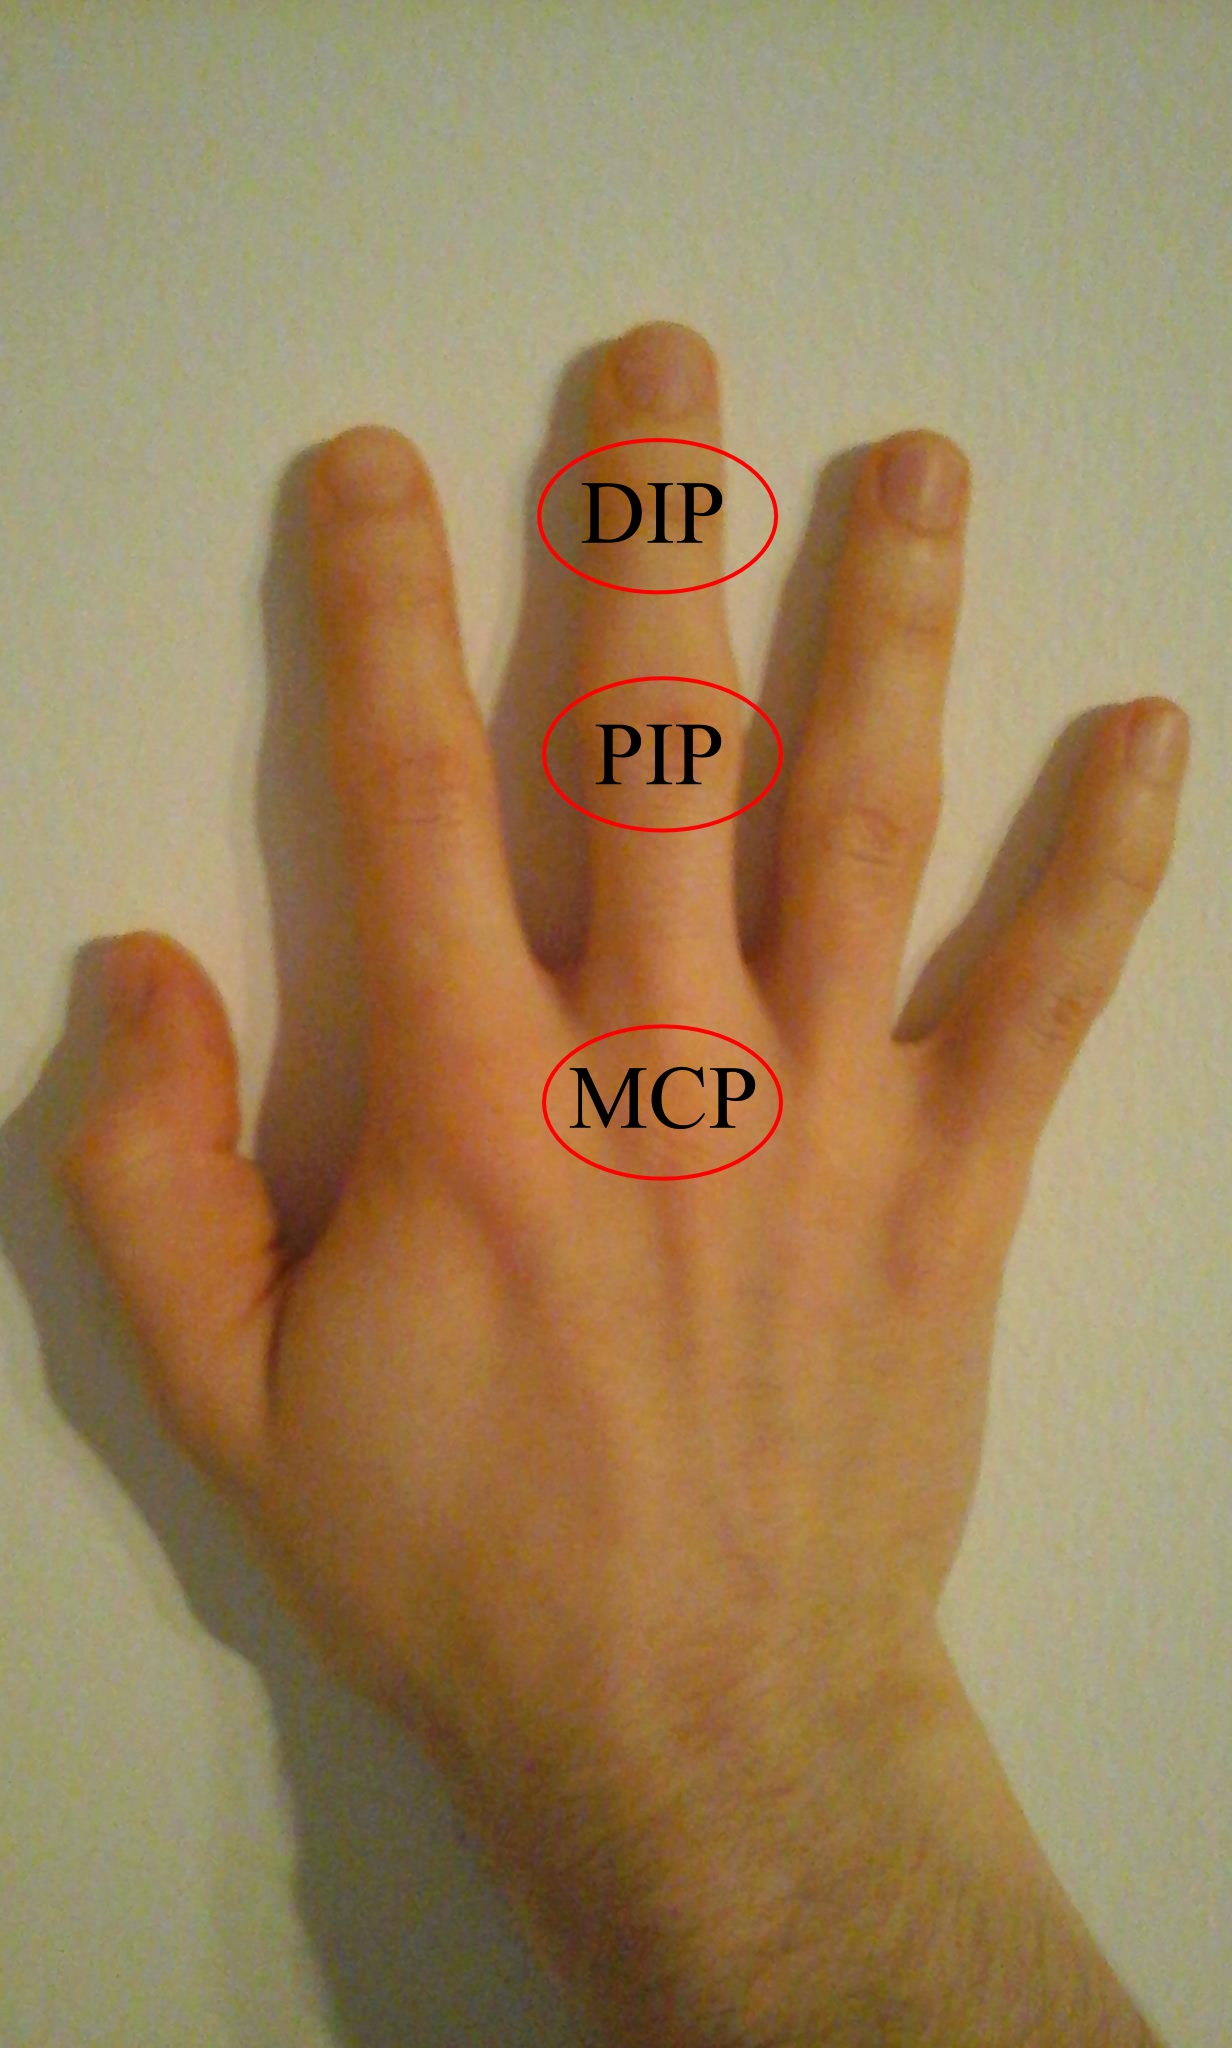 Görbült ujjak, fájó mozdulatok - HáziPatika